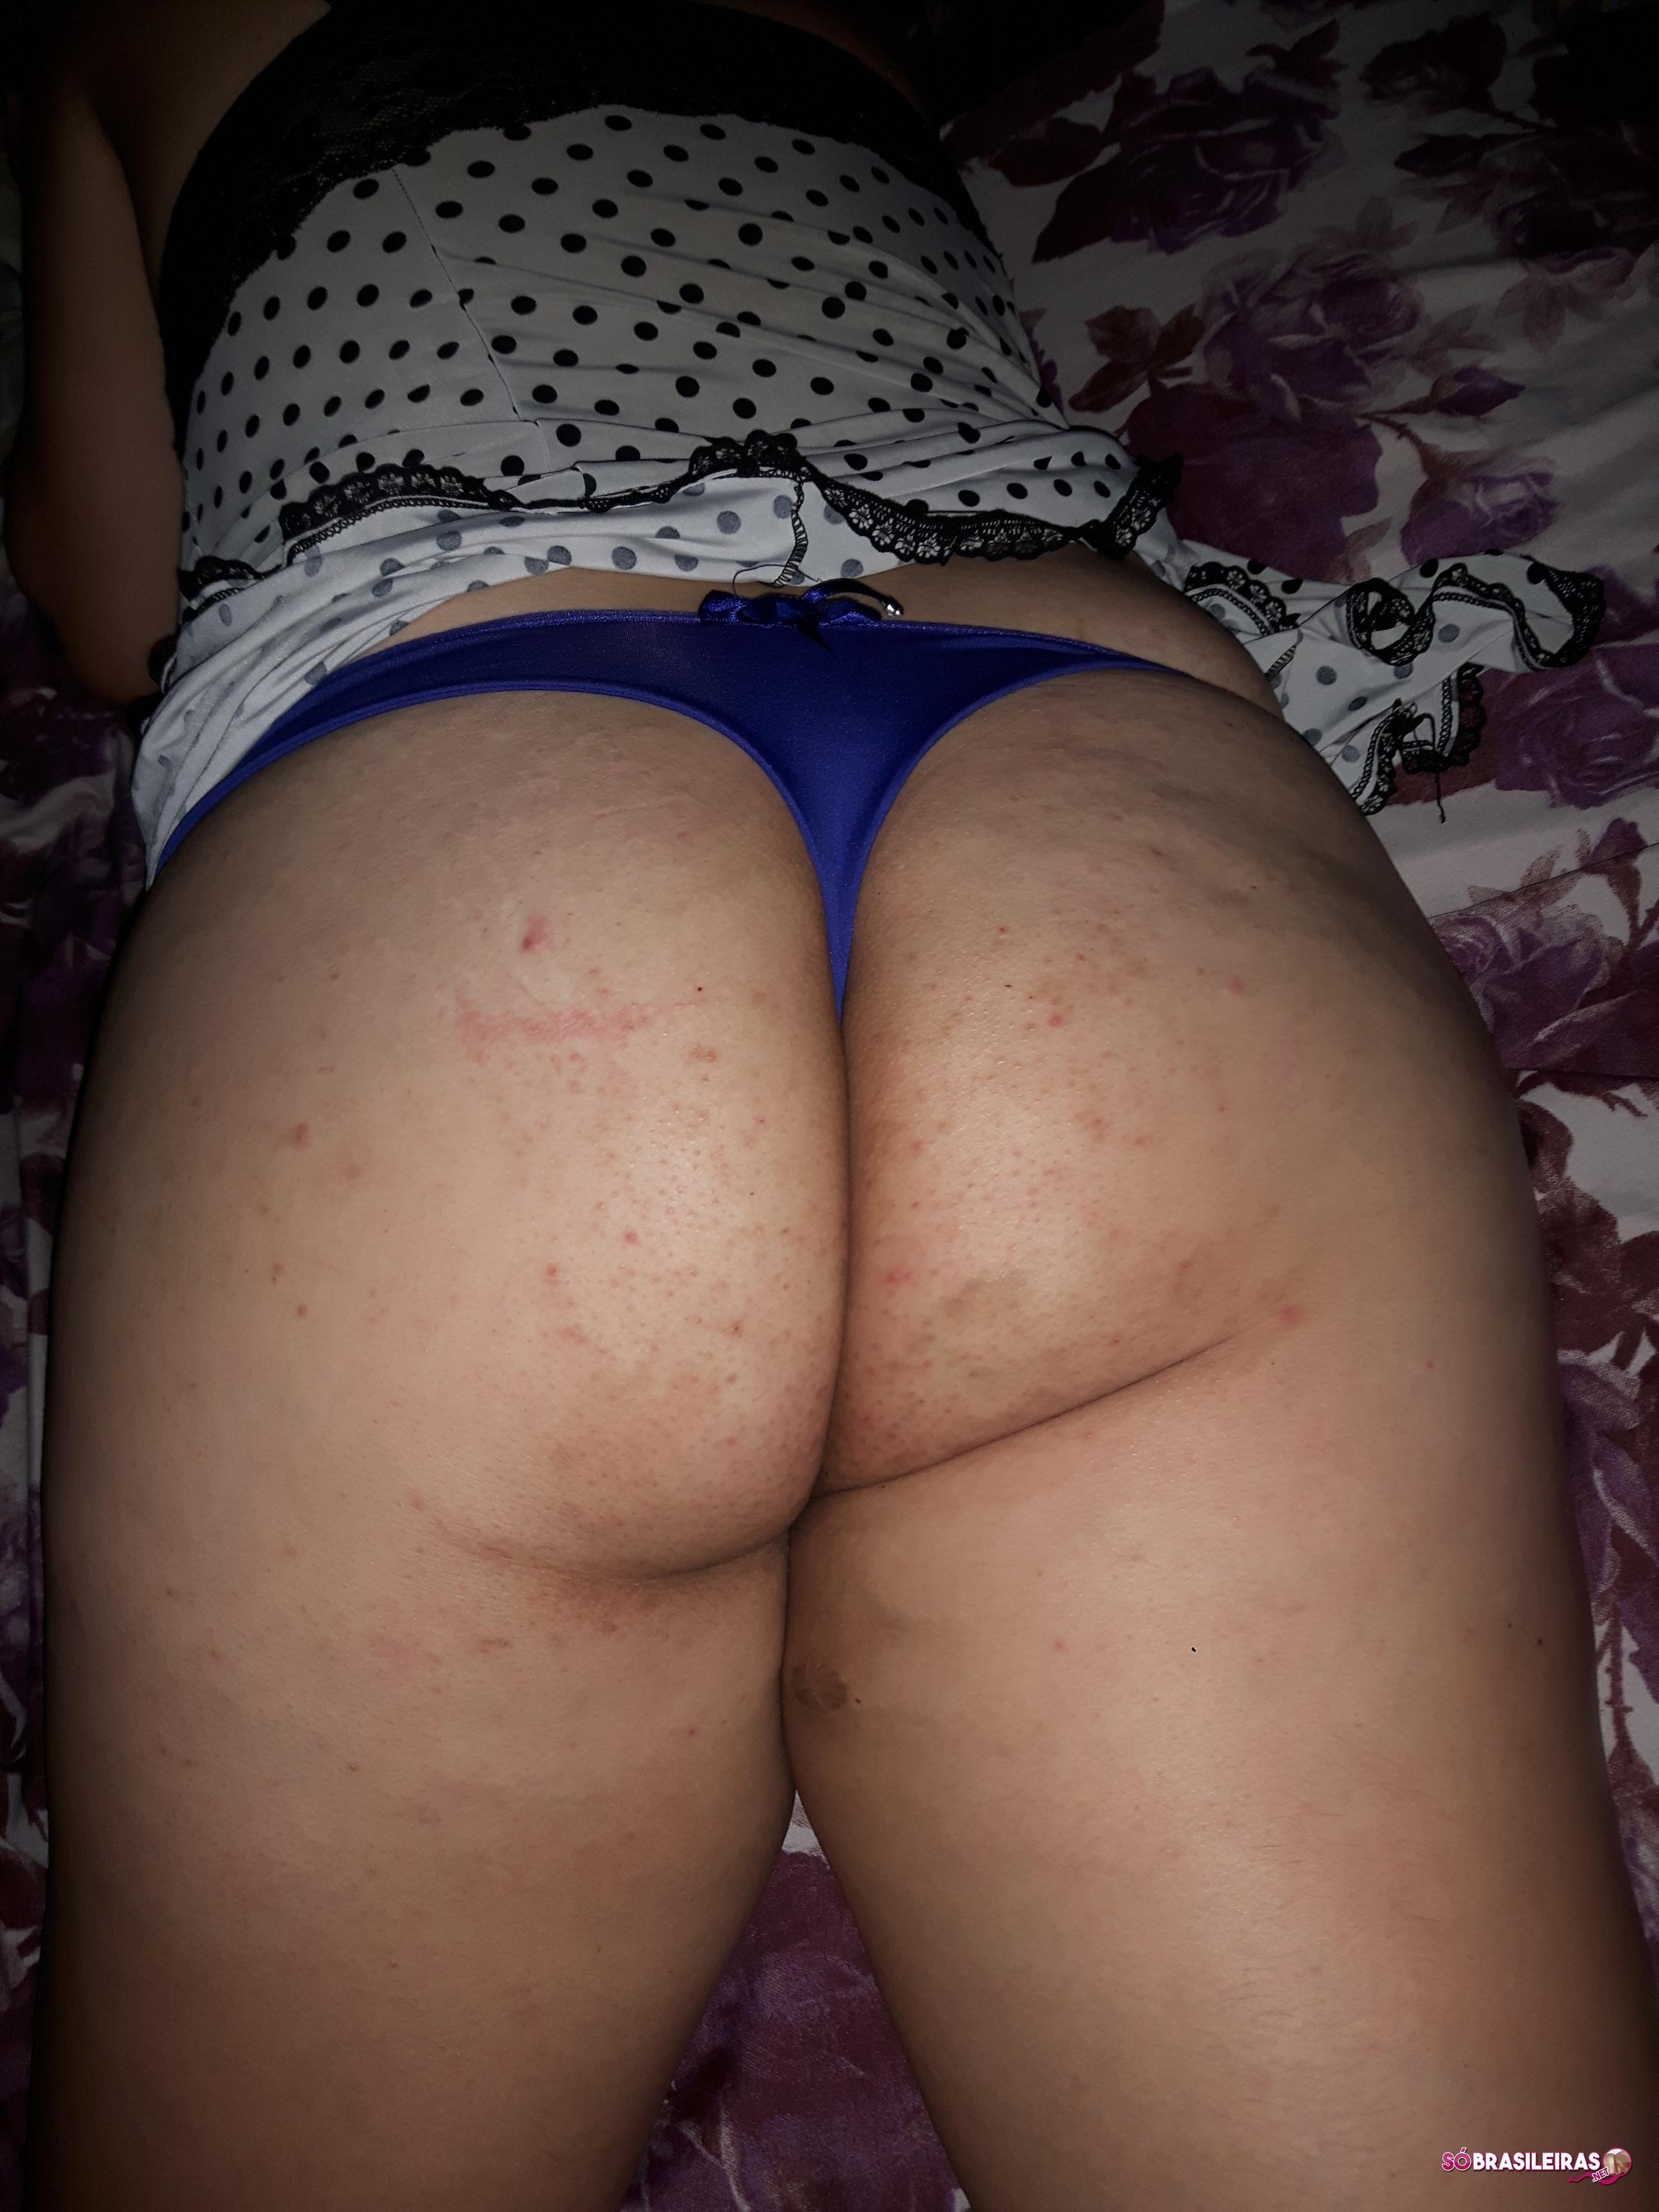 Esposa gostosa em fotos de sexo